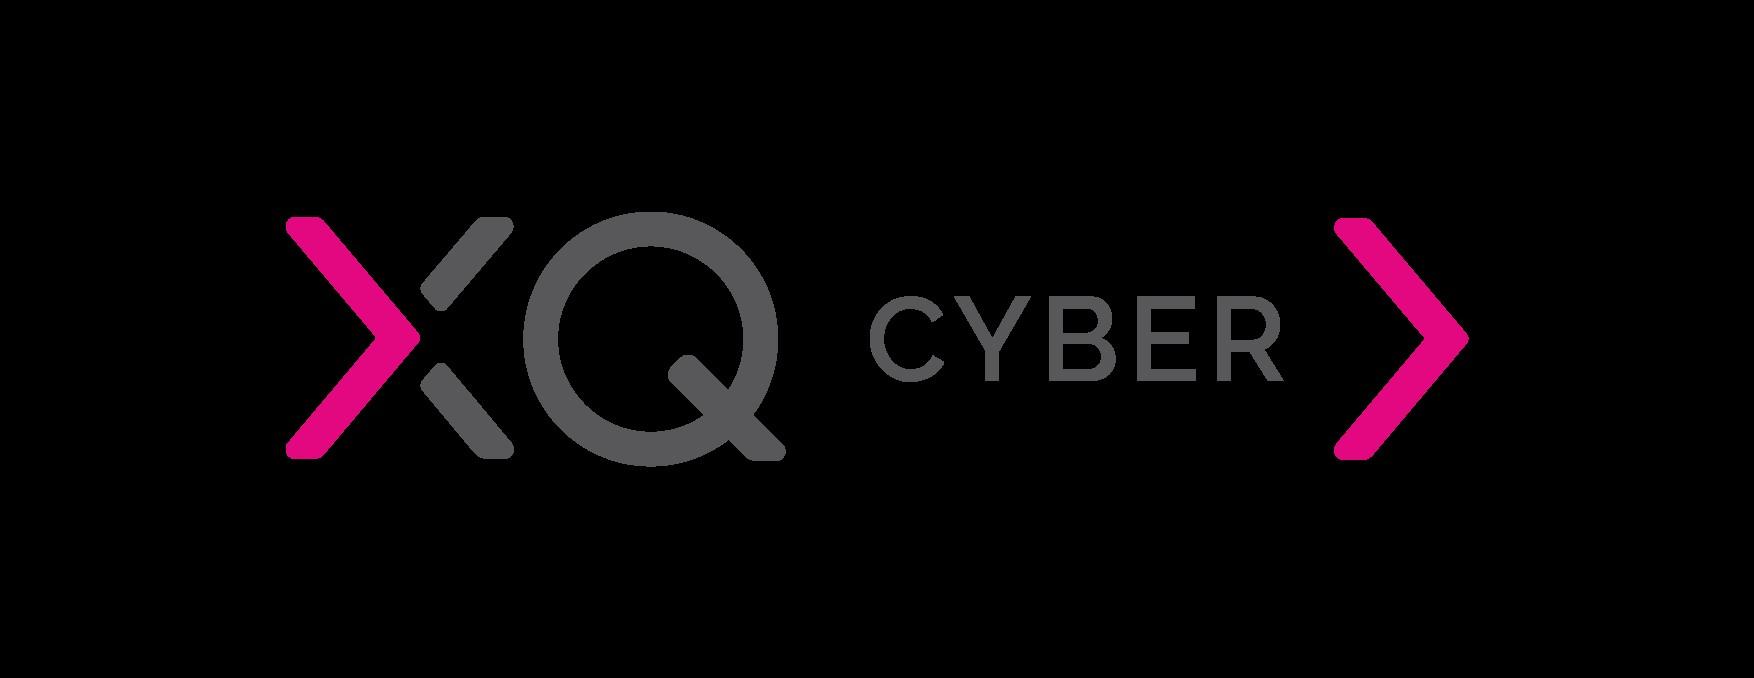 XQ-Cyber.jpg